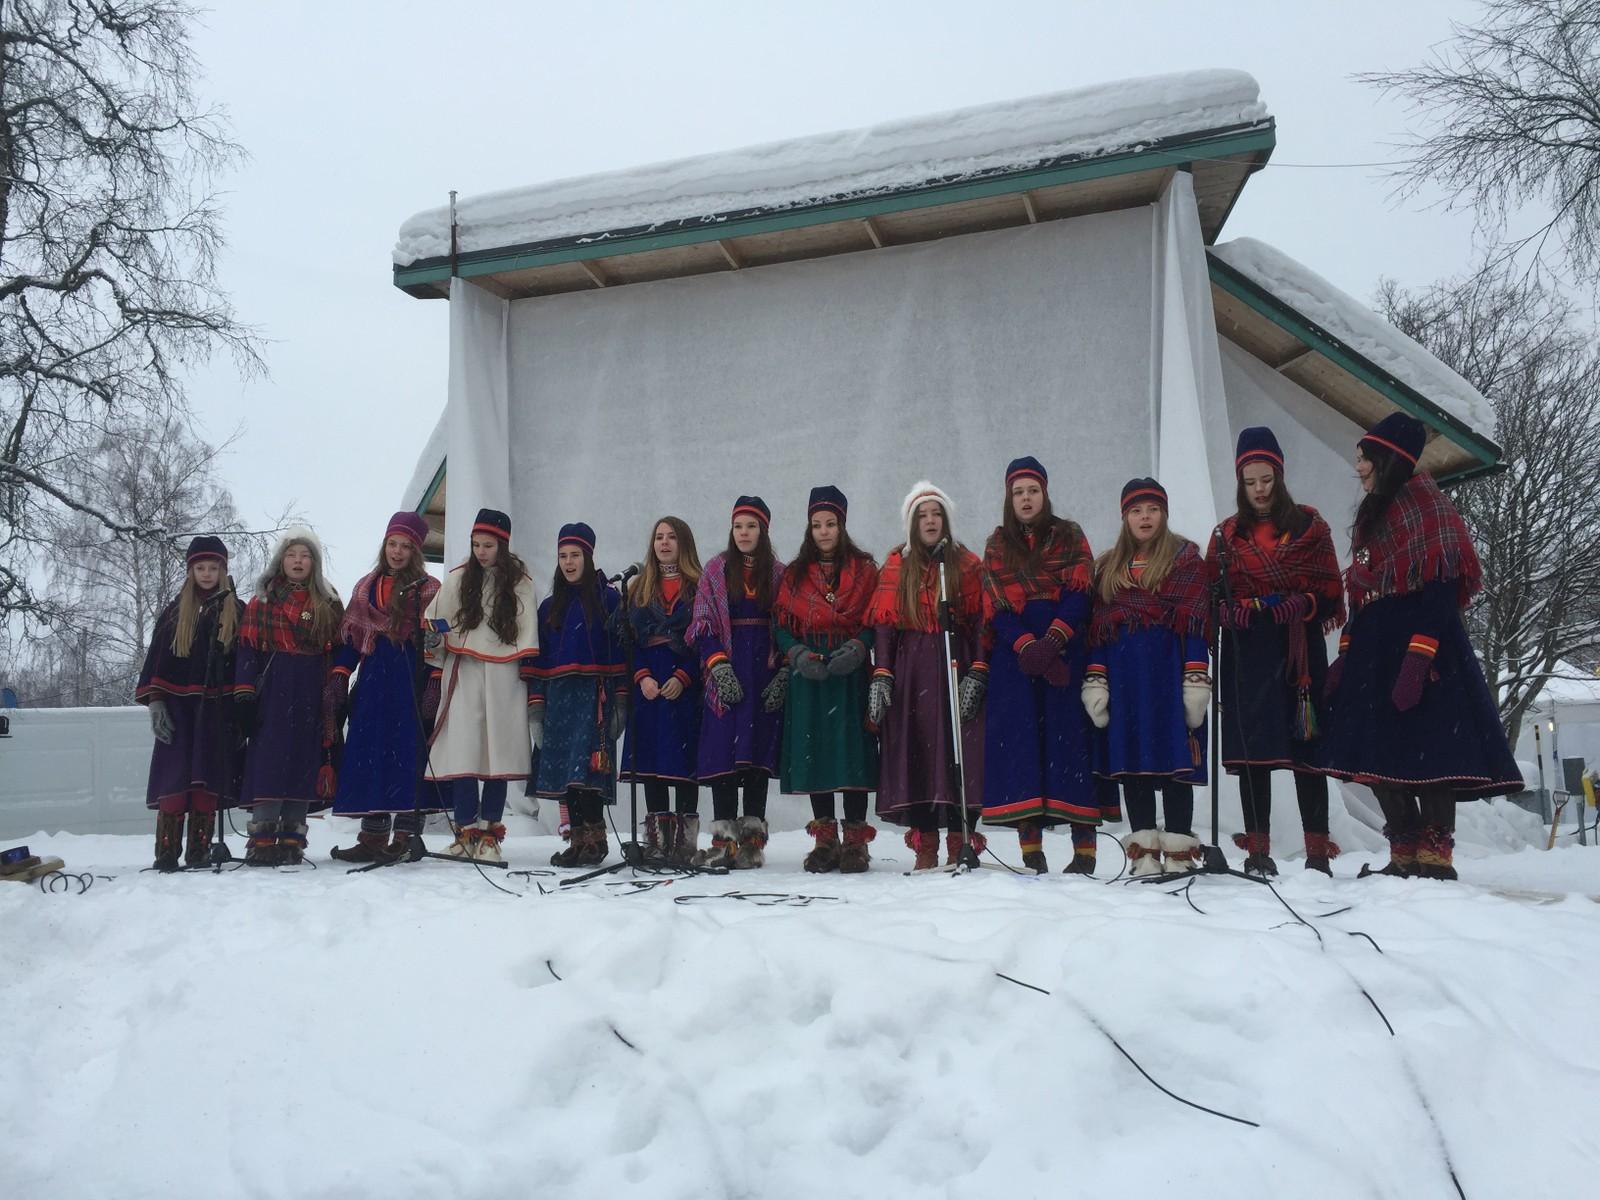 Barnekoret Vaajmoe synger den samiske nasjonalsangen på lulesamisk på snøscenen under fellesarrangementet i Jokkmokk.